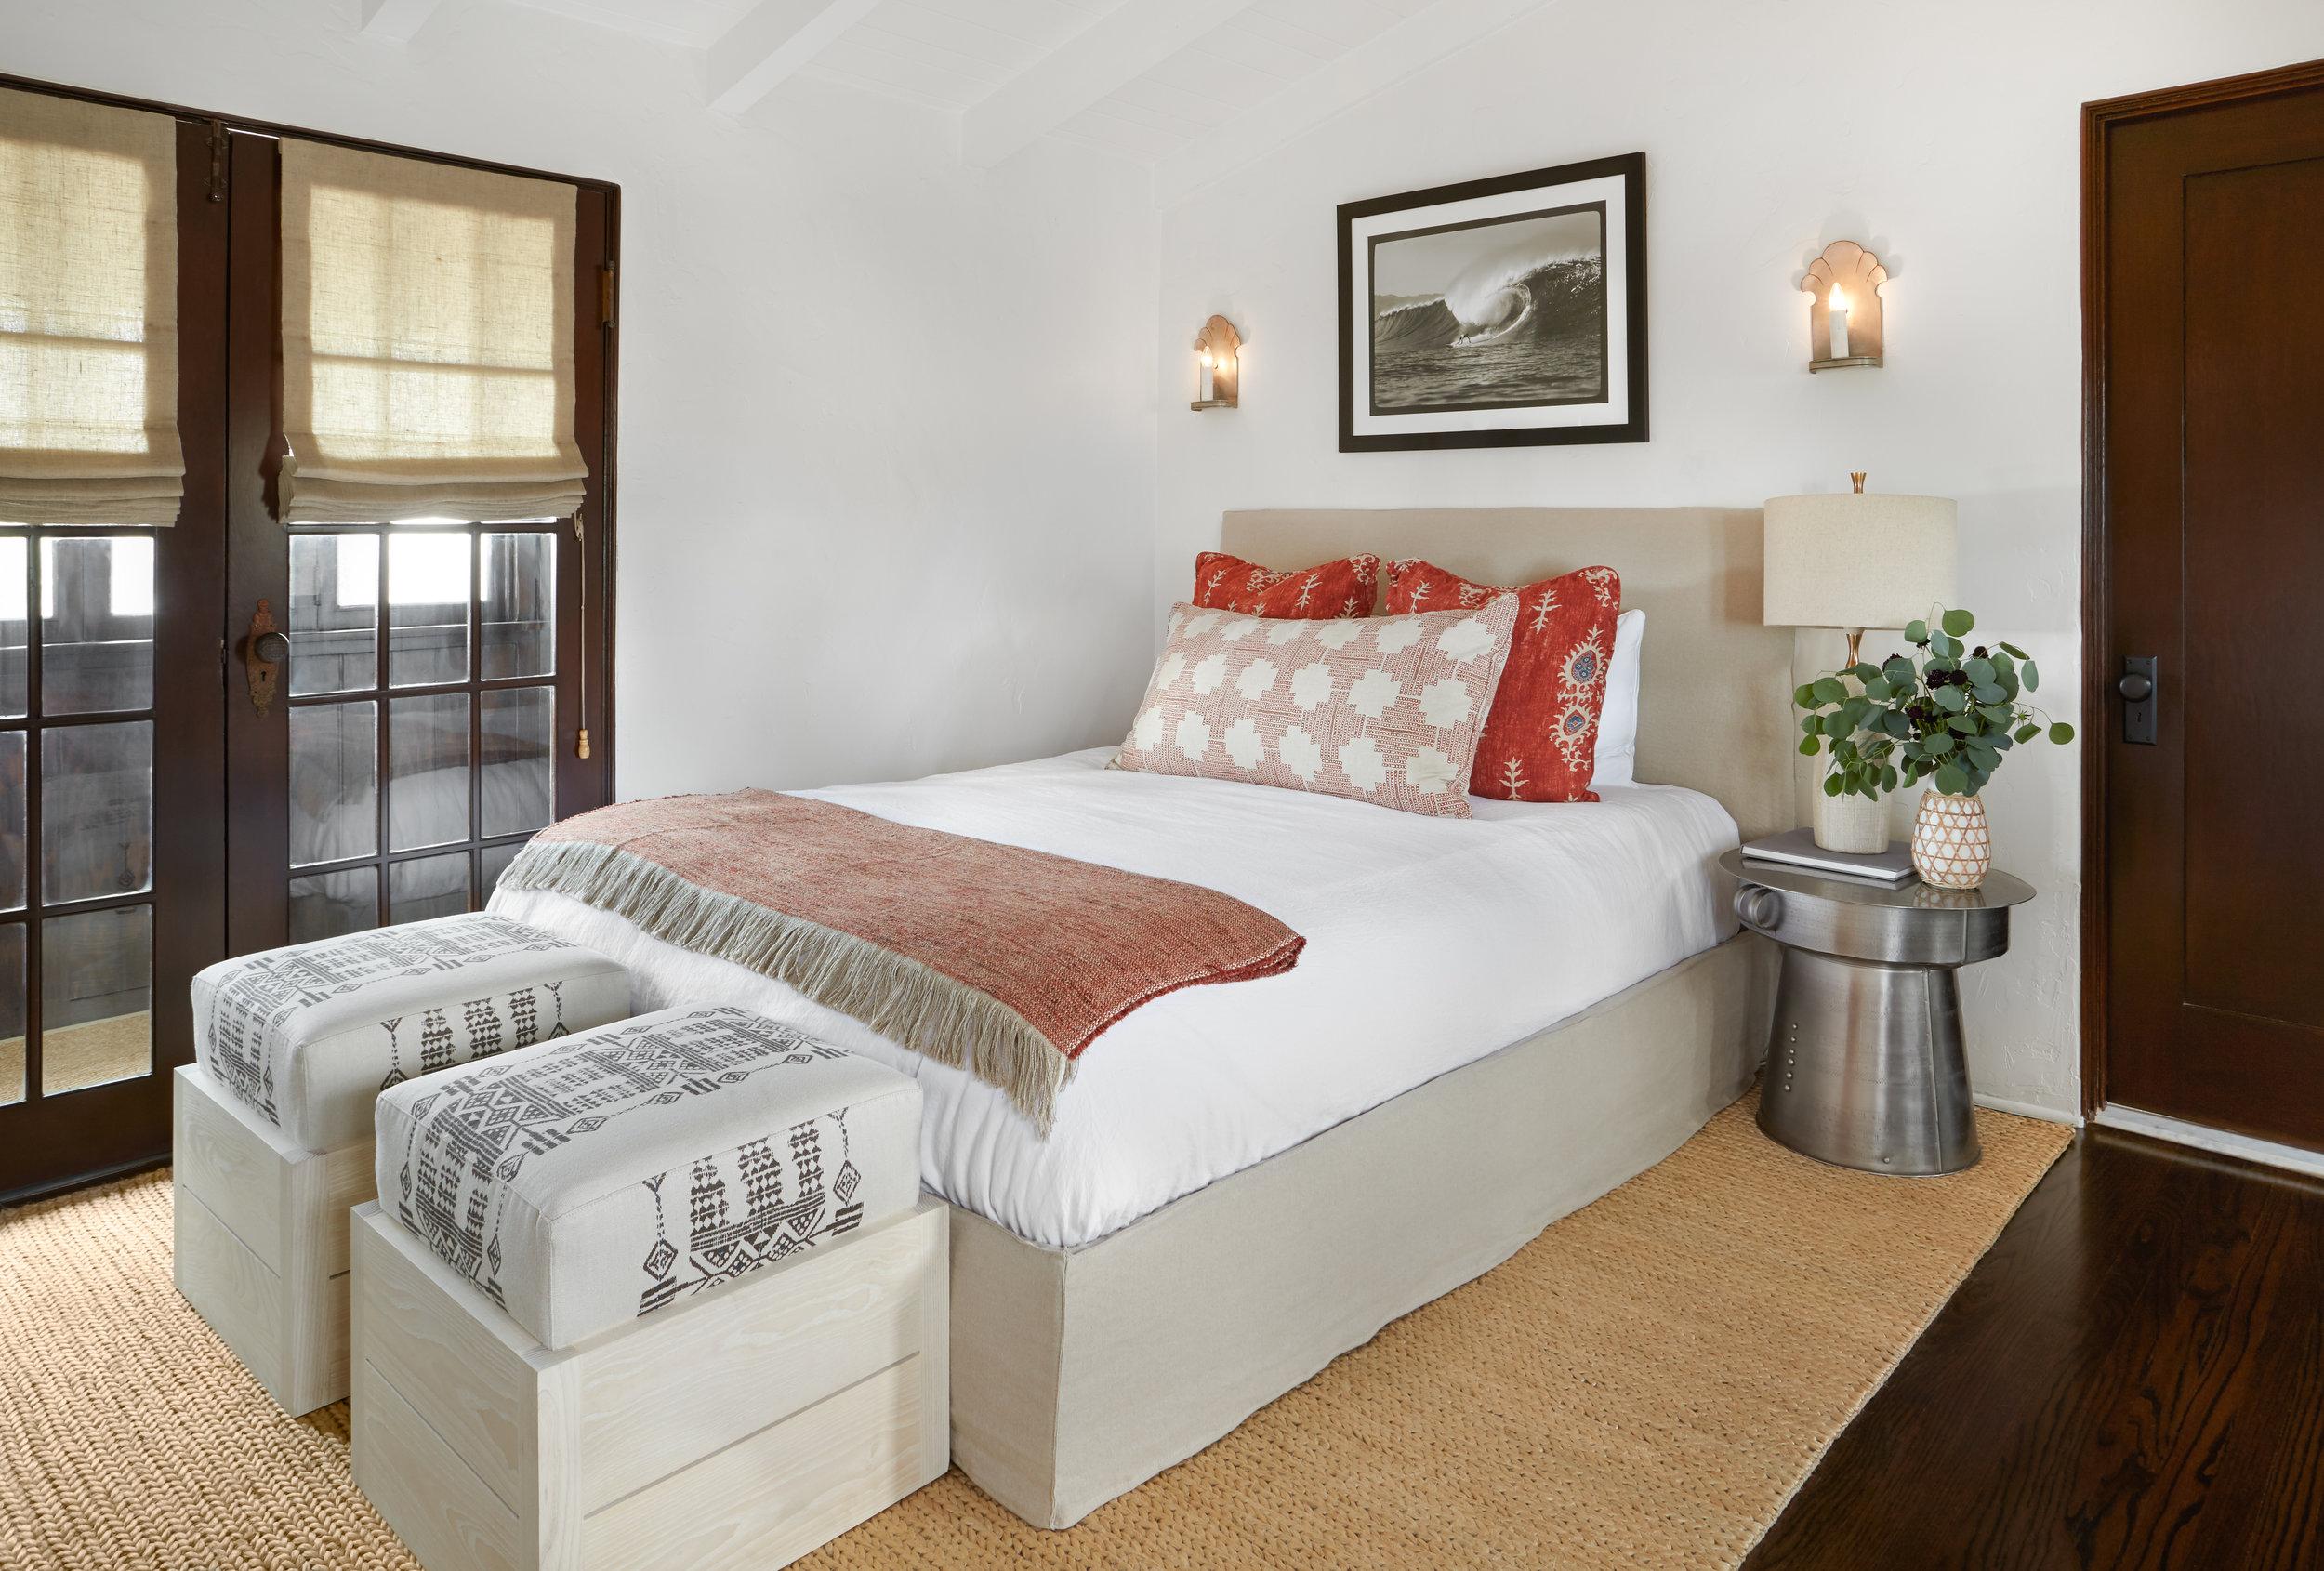 Bedroom_1_ACDR01.jpg